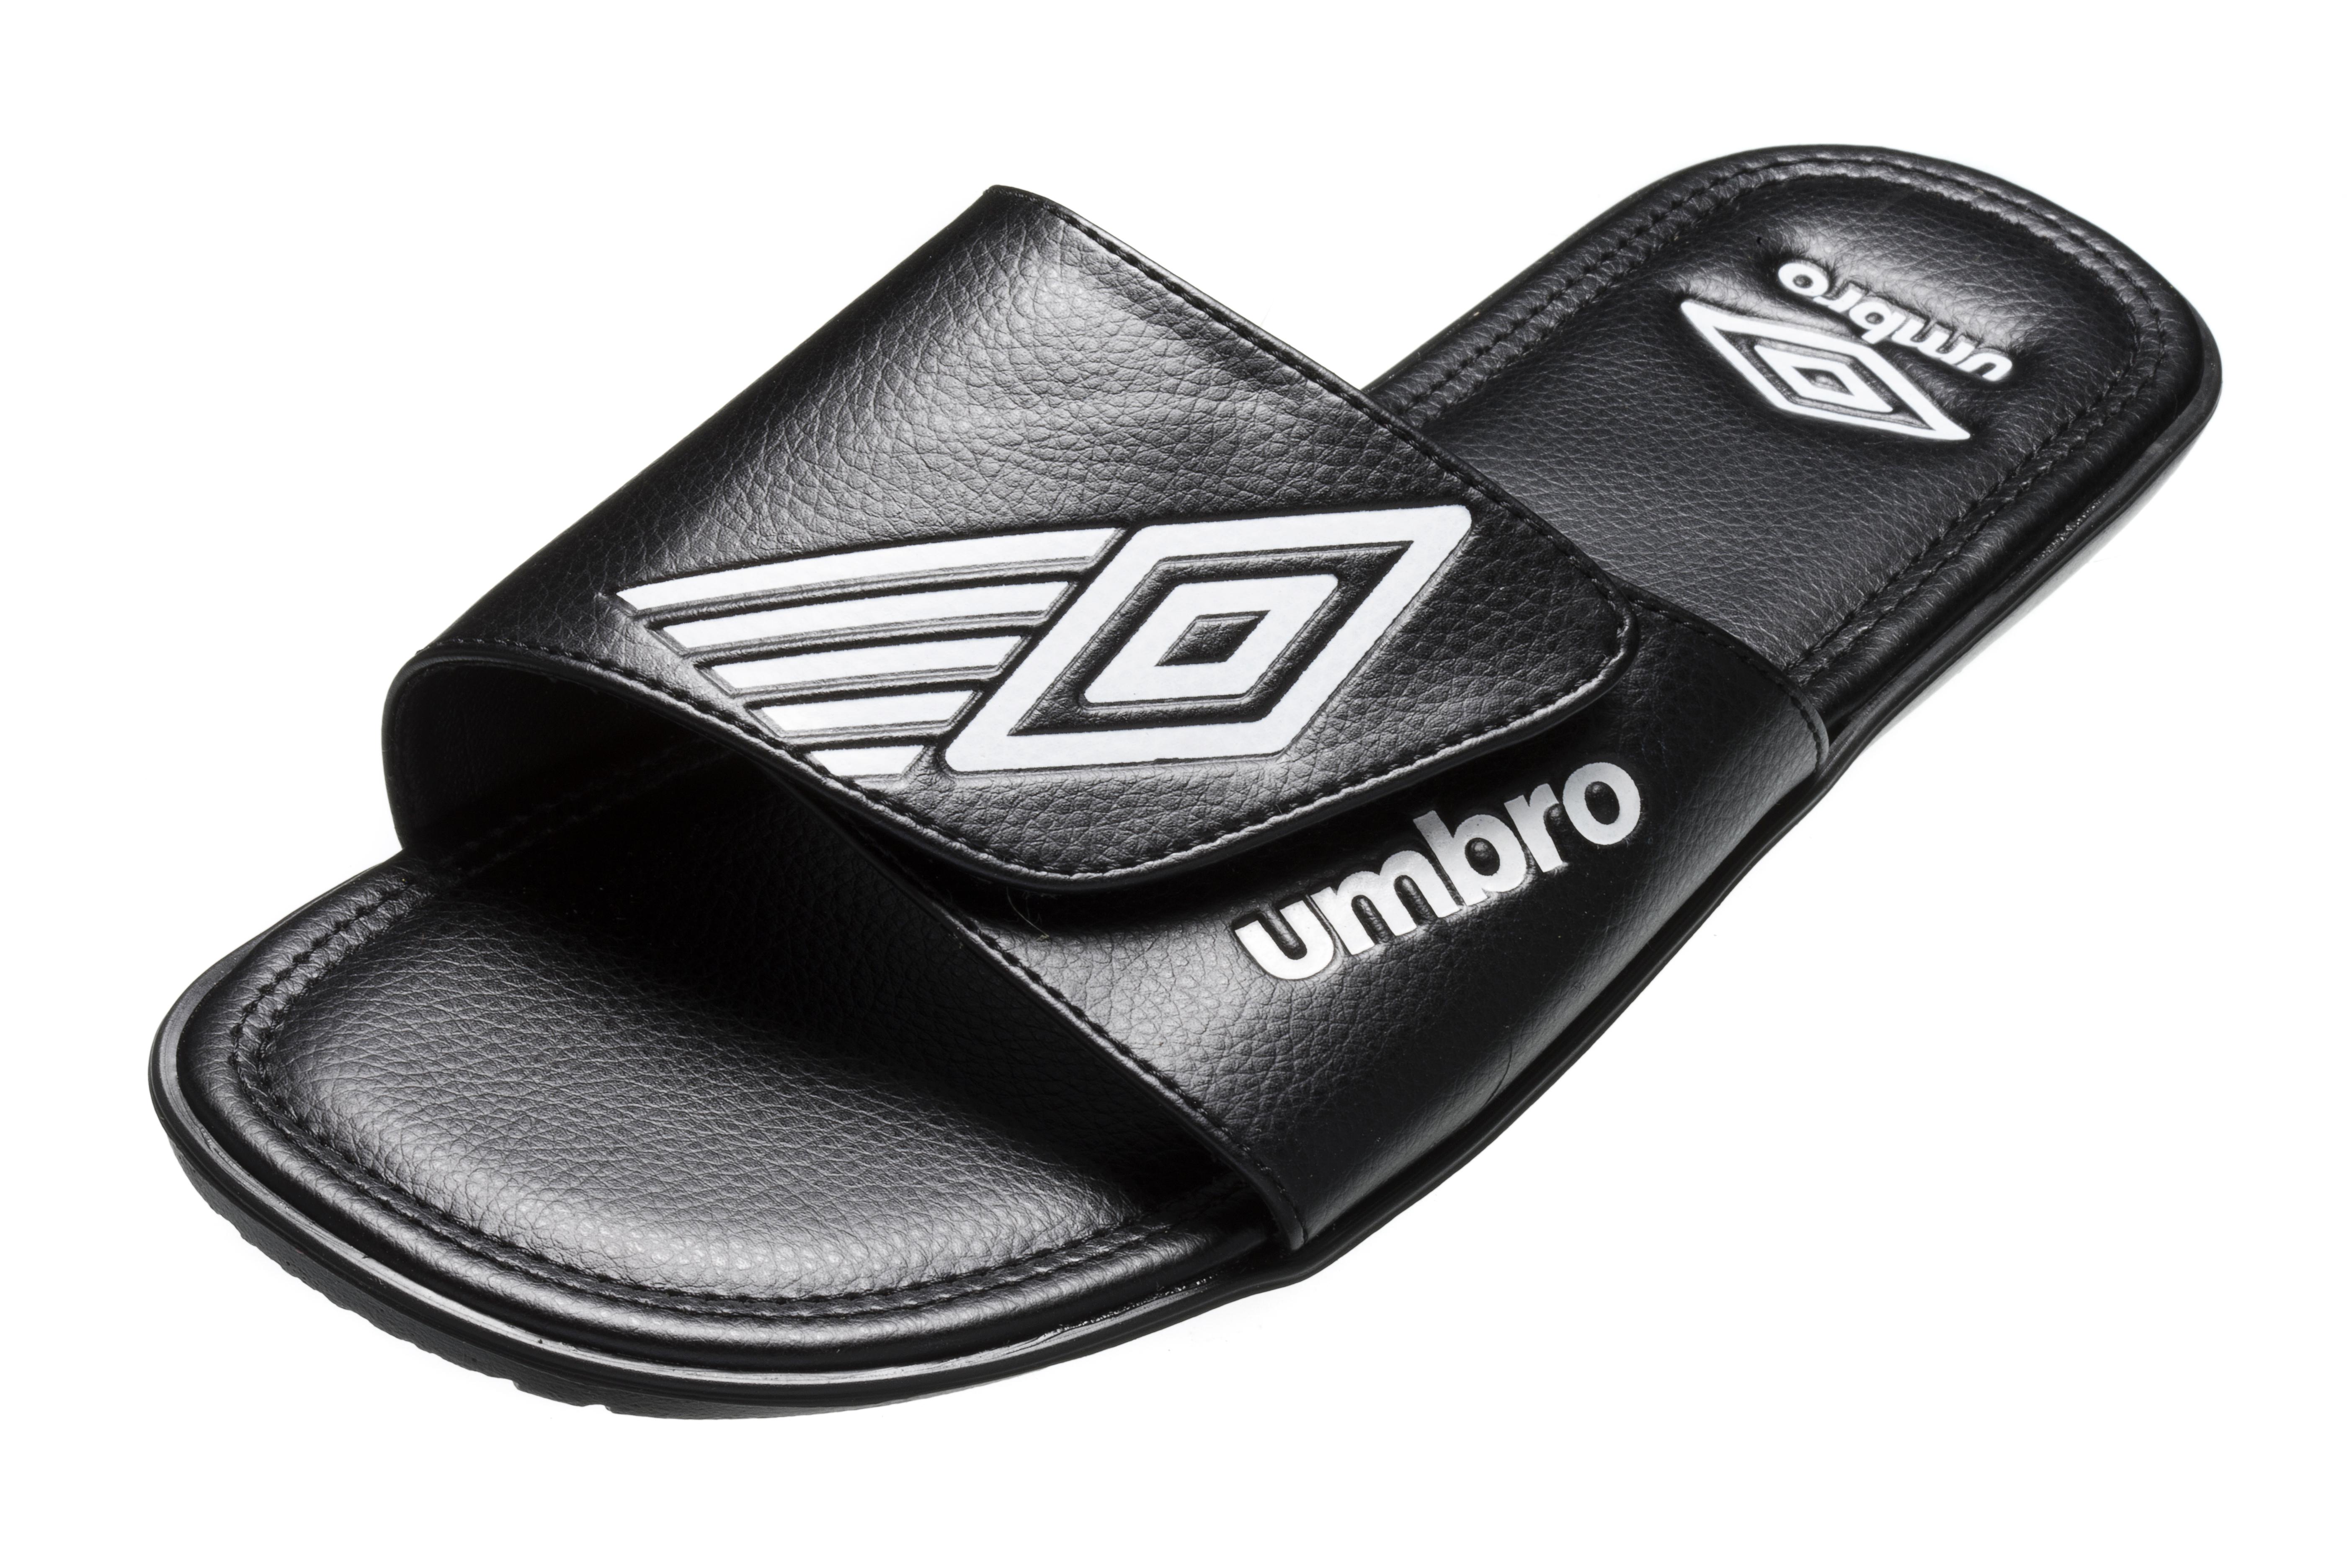 umbro sandals